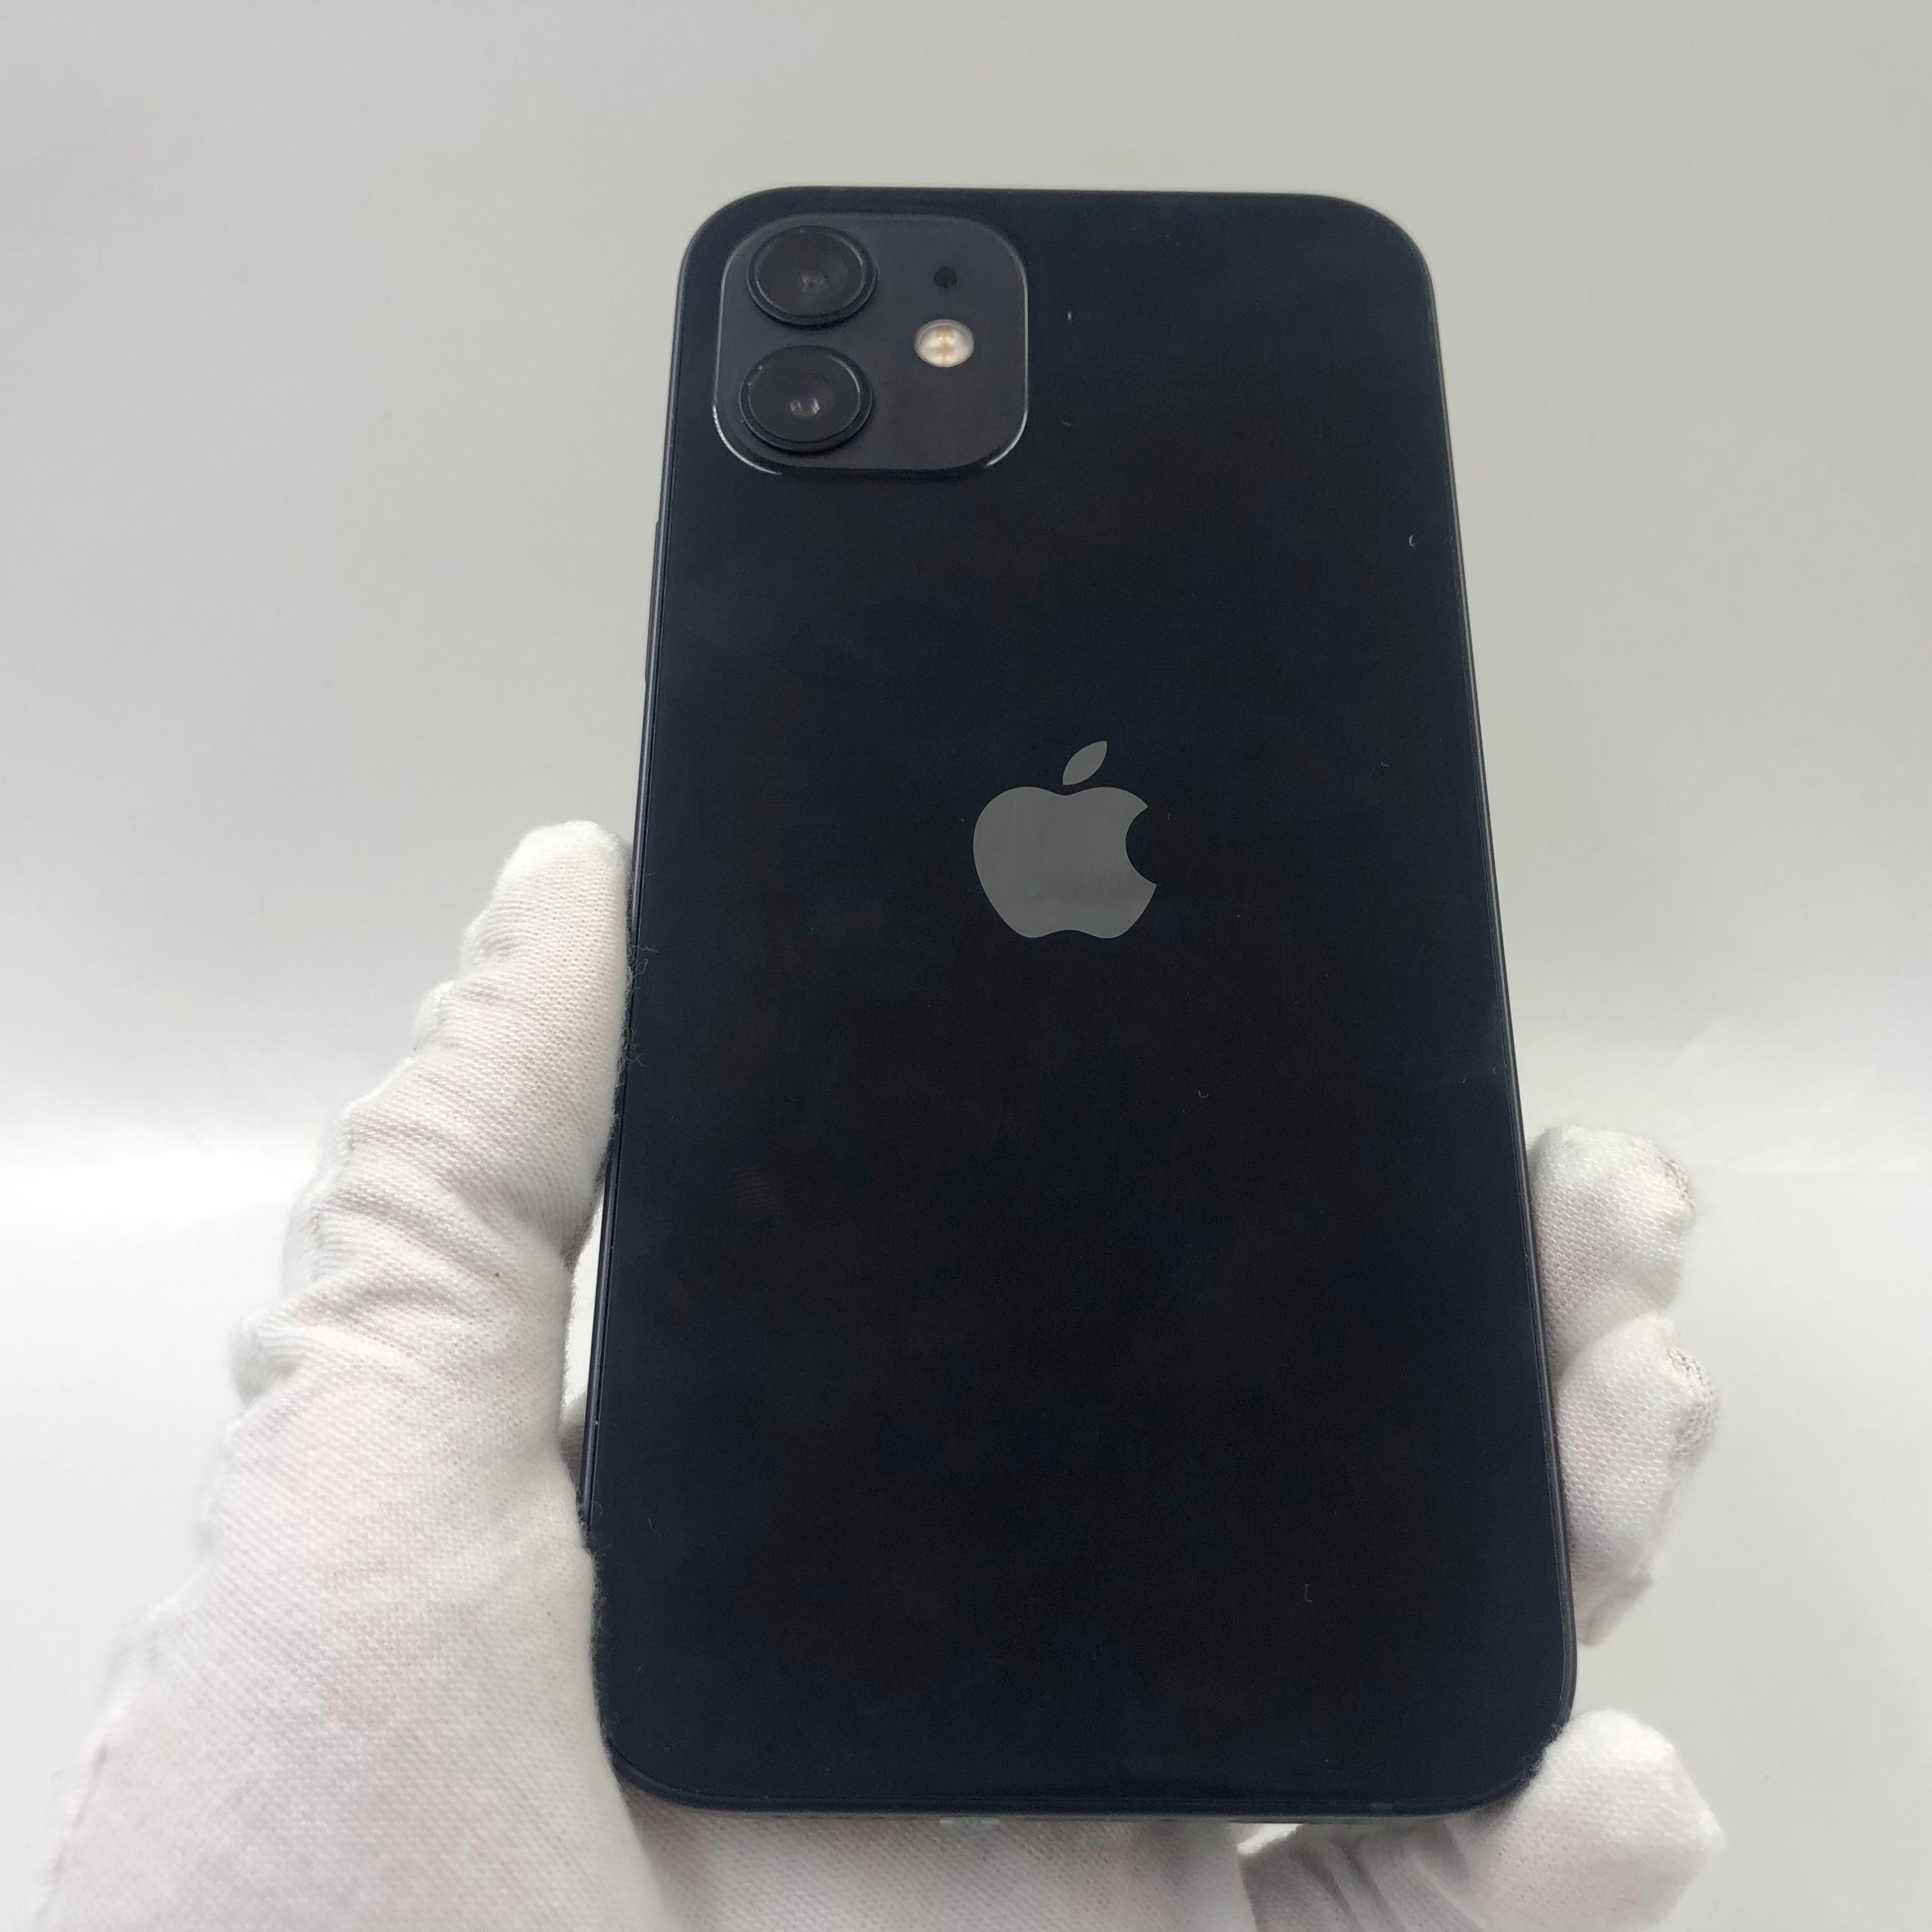 苹果【iPhone 12】5G全网通 黑色 128G 国行 95新 真机实拍官保2022-07-21